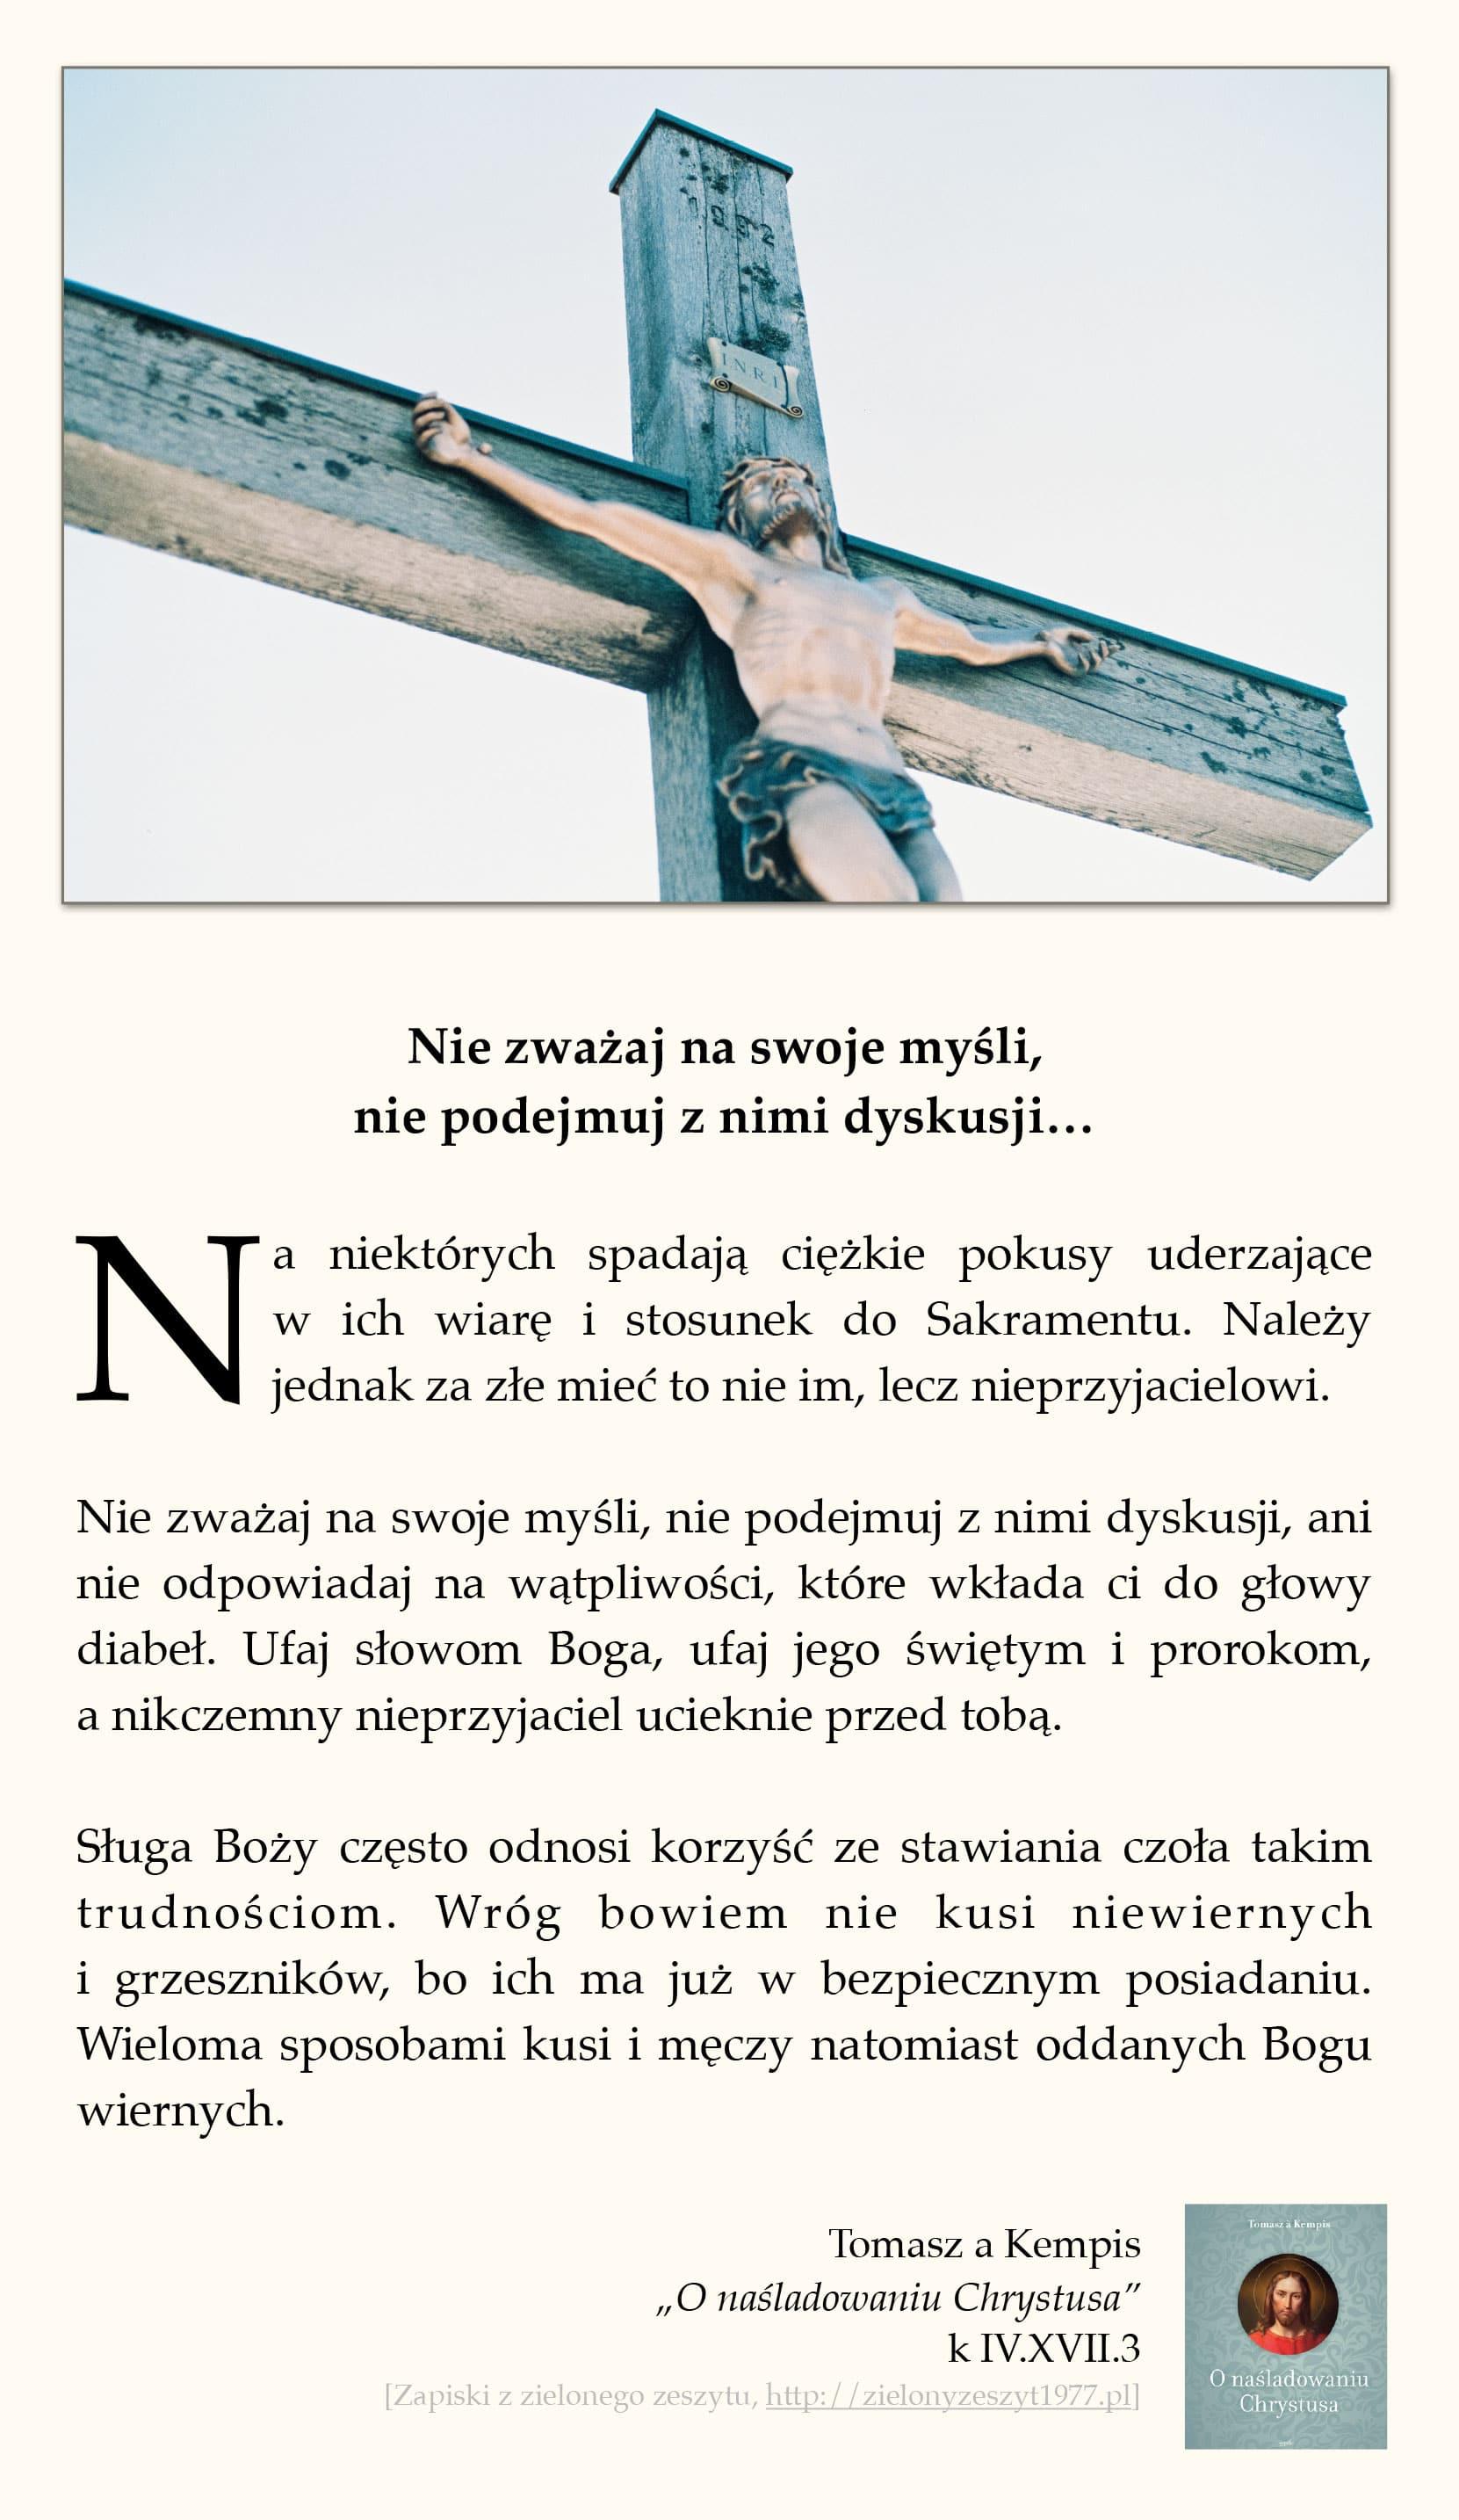 """Tomasz a Kempis, """"O naśladowaniu Chrystusa"""", k IV.XVIII.3 (Nie zważaj na swoje myśli, nie podejmuj z nimi dyskusji…)"""